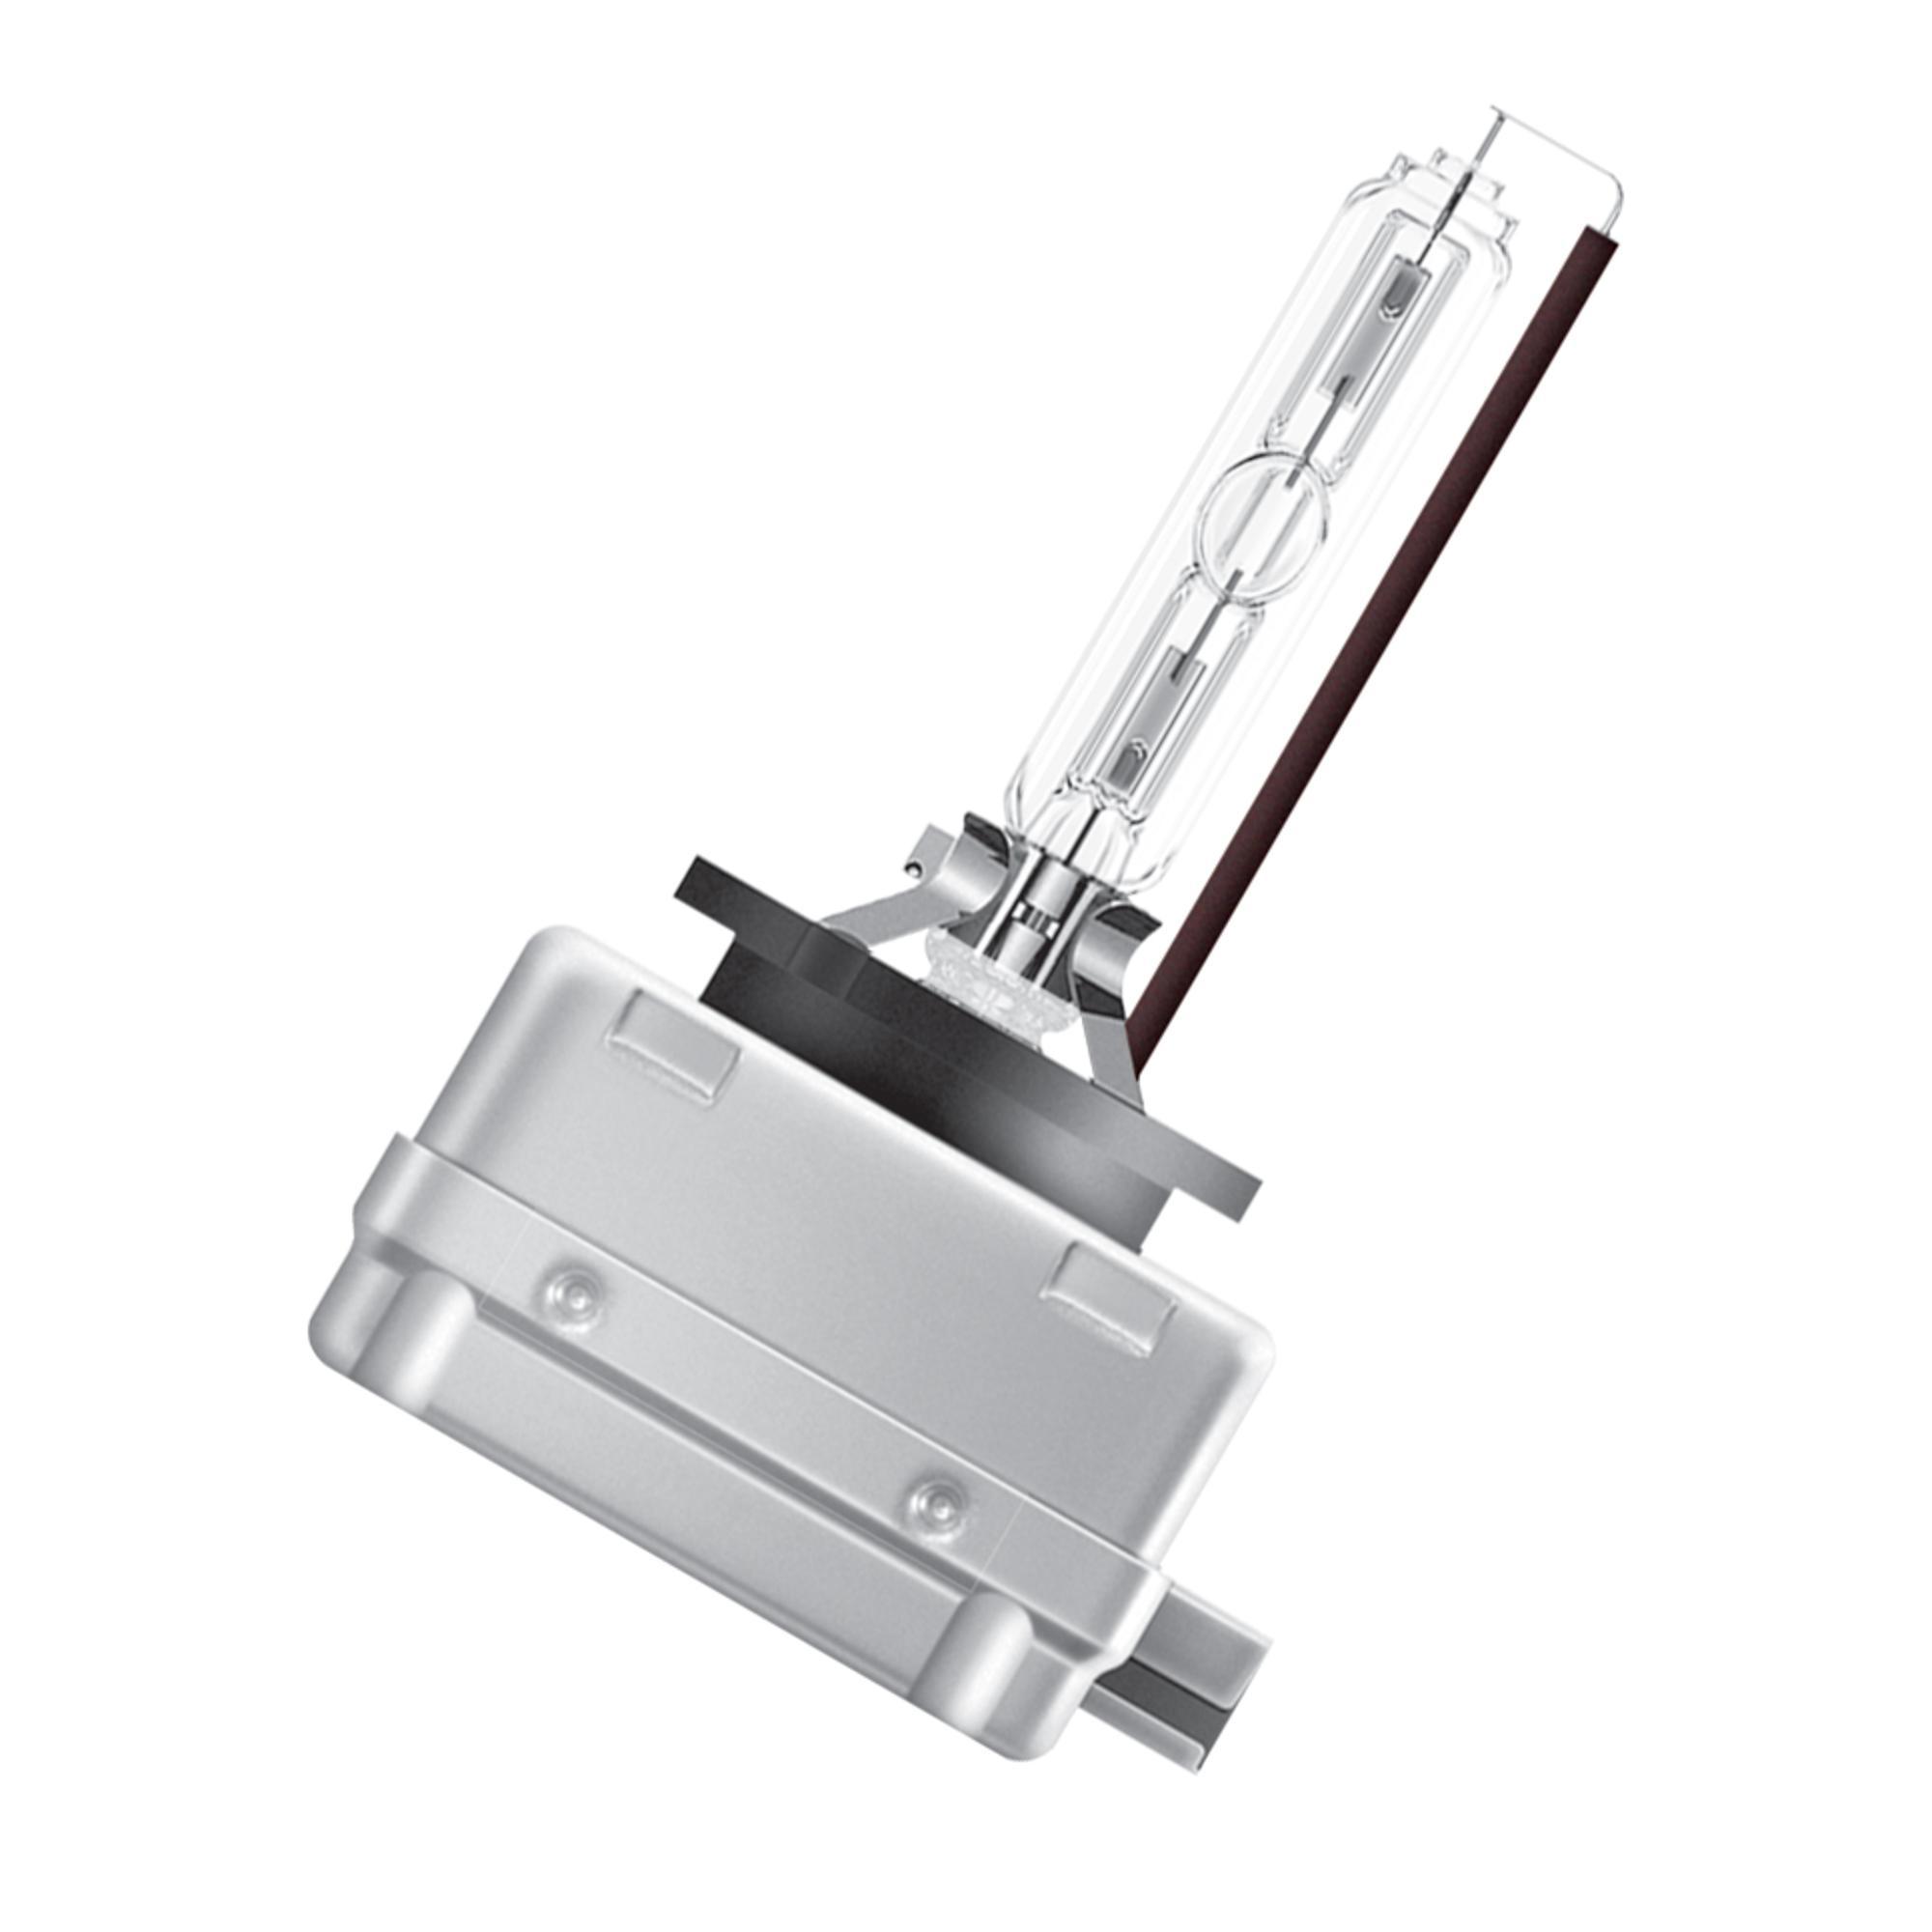 Lâmpada, farol de longo alcance OSRAM 66140 conhecimento especializado